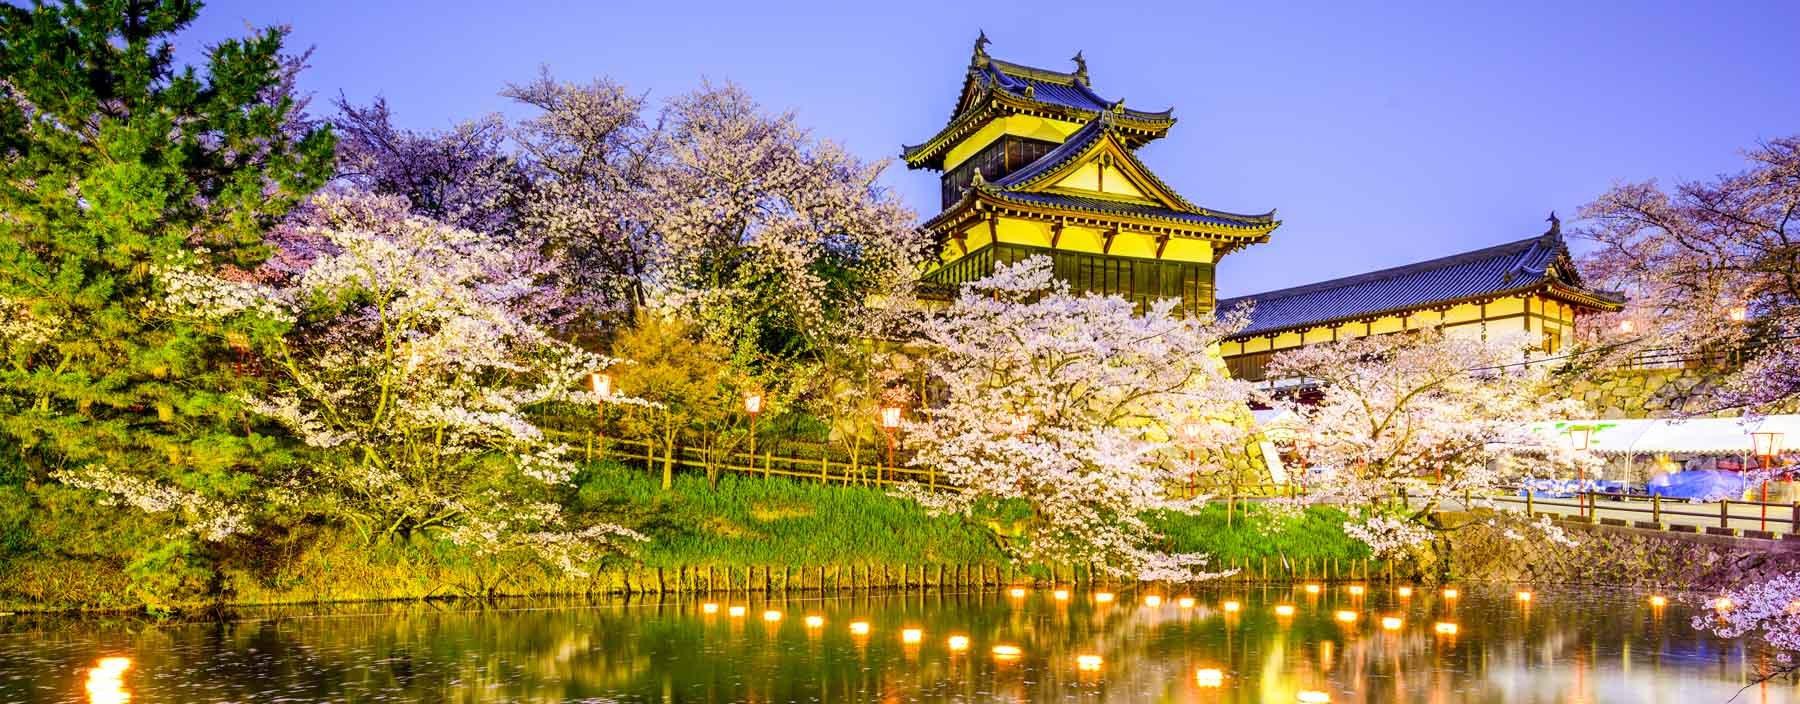 jp, nara, koriyama castle.jpg